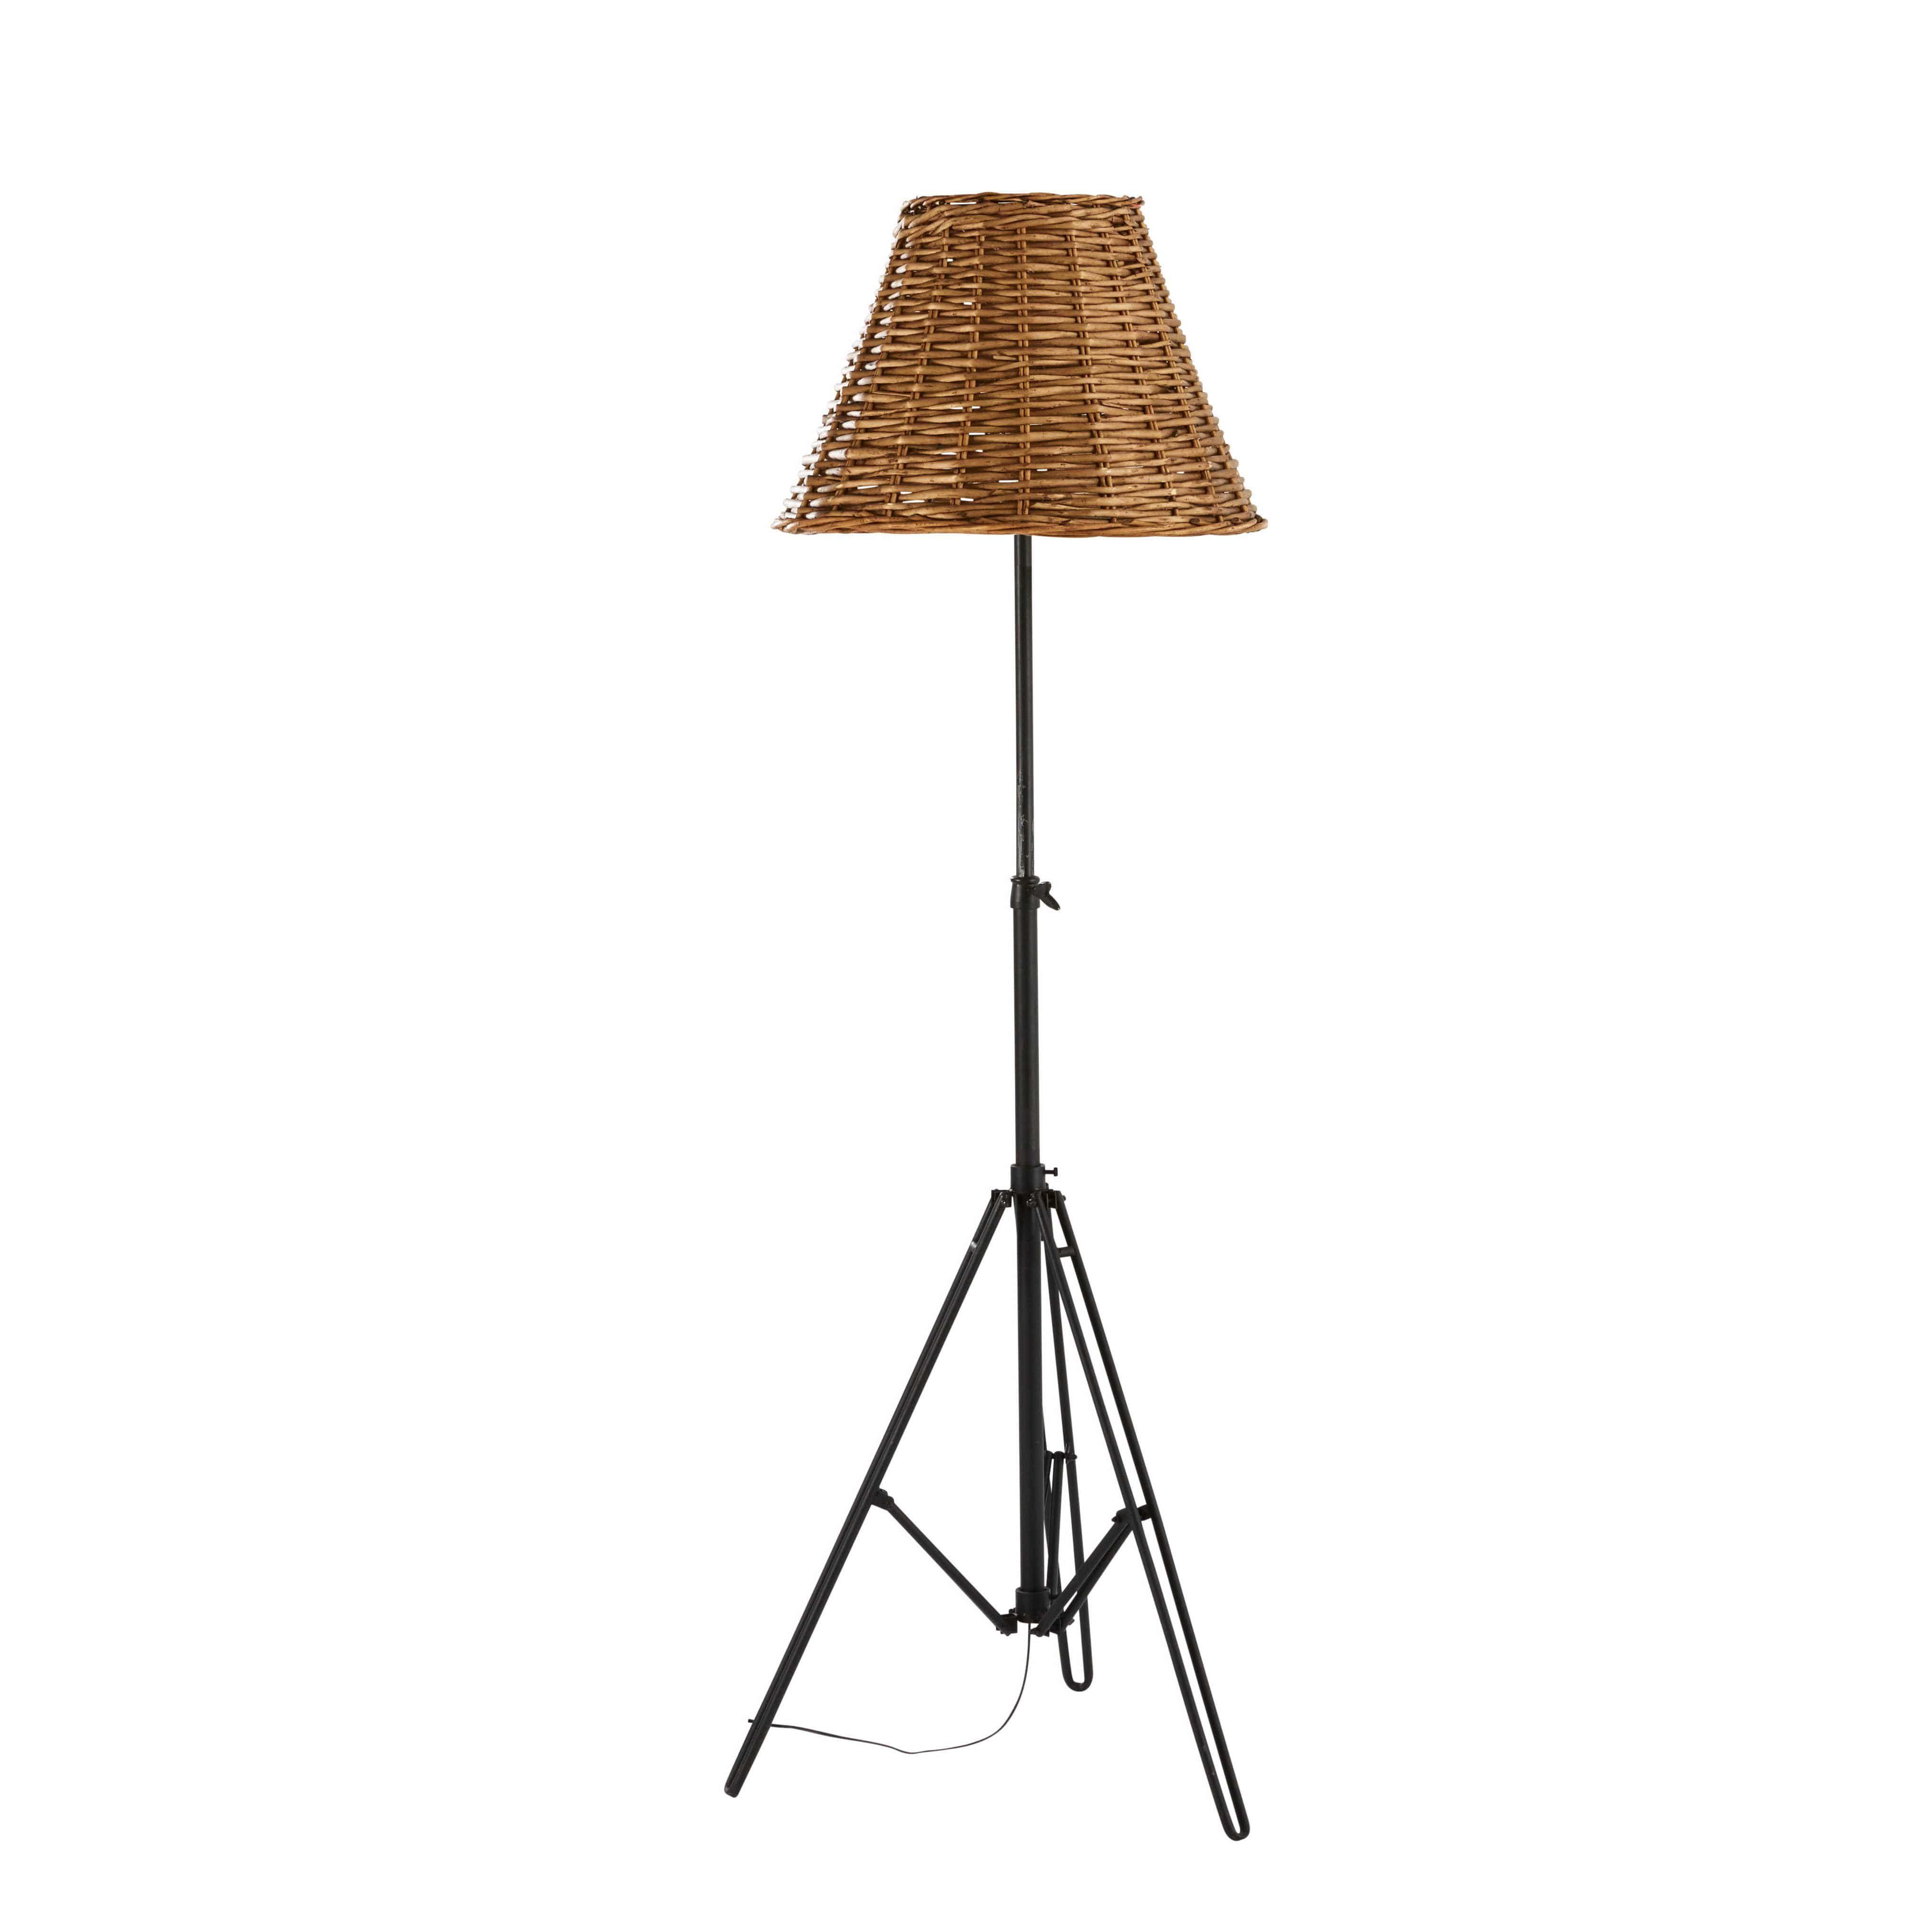 Verstellbare Stehlampe aus Rattan und Metall H.184cm PARKER Jetzt ...